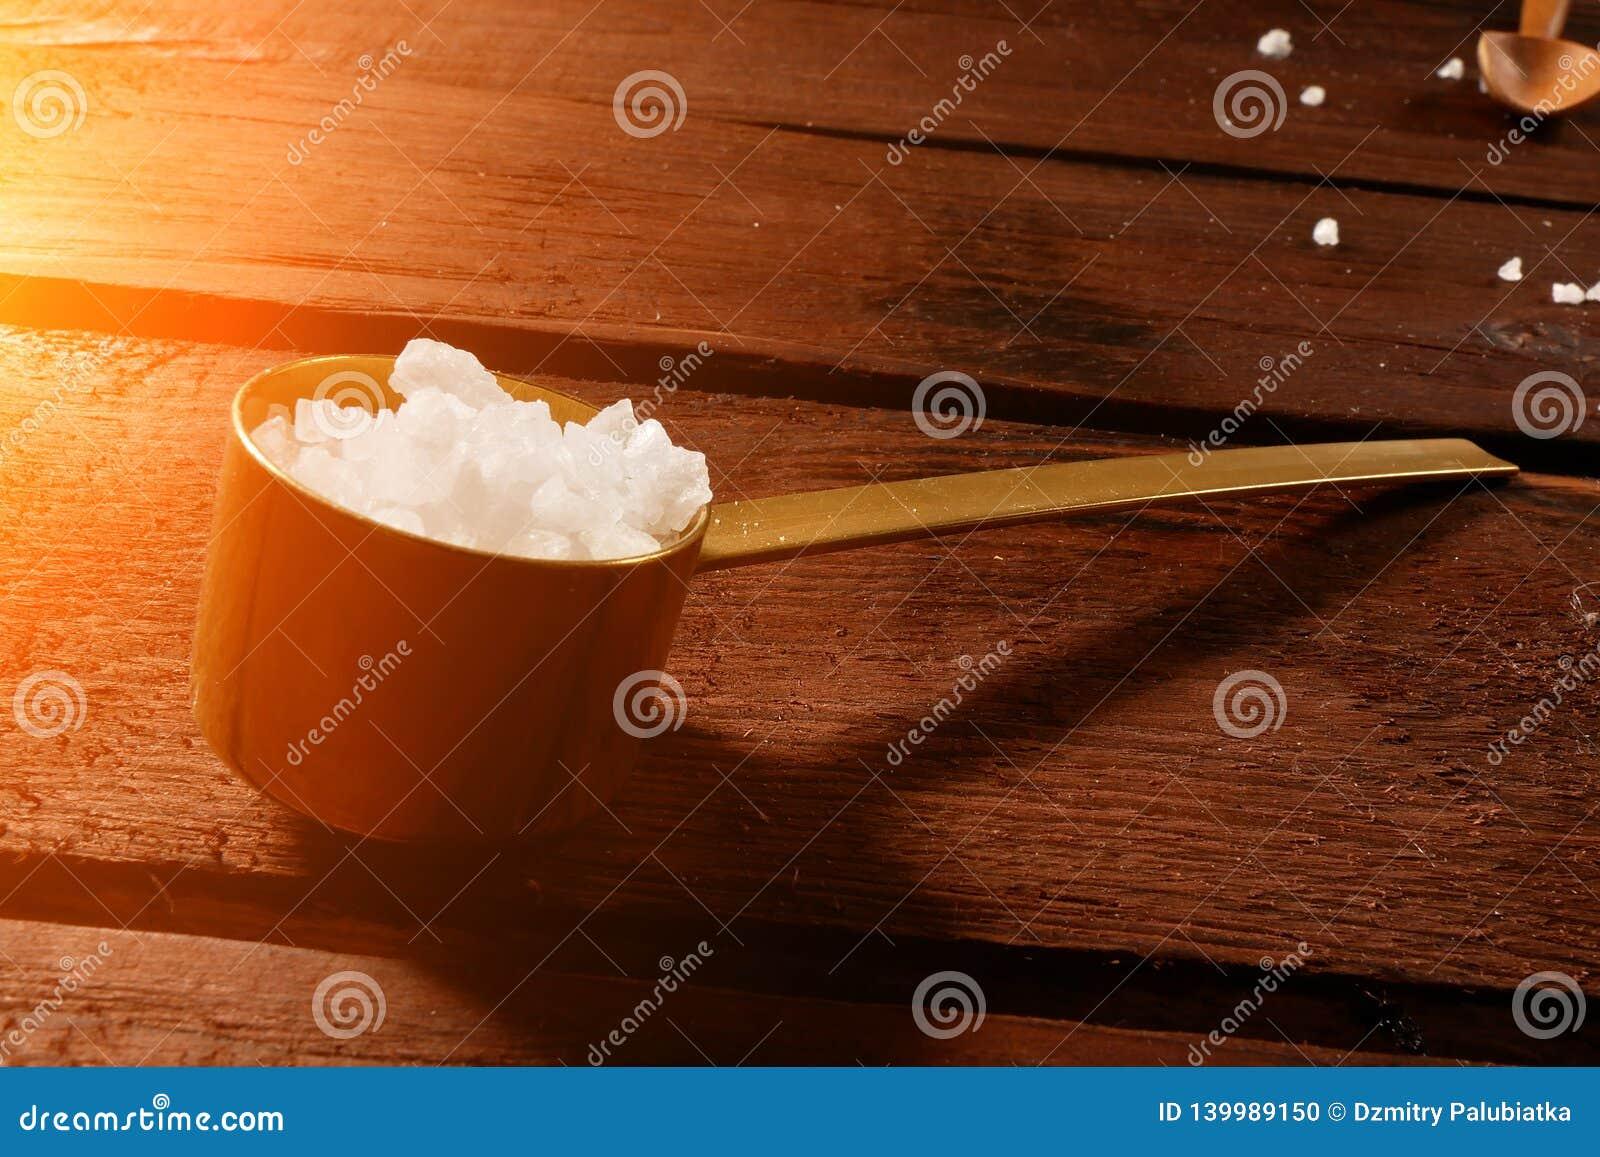 Overzees zout in een lepel op een mooie achtergrond